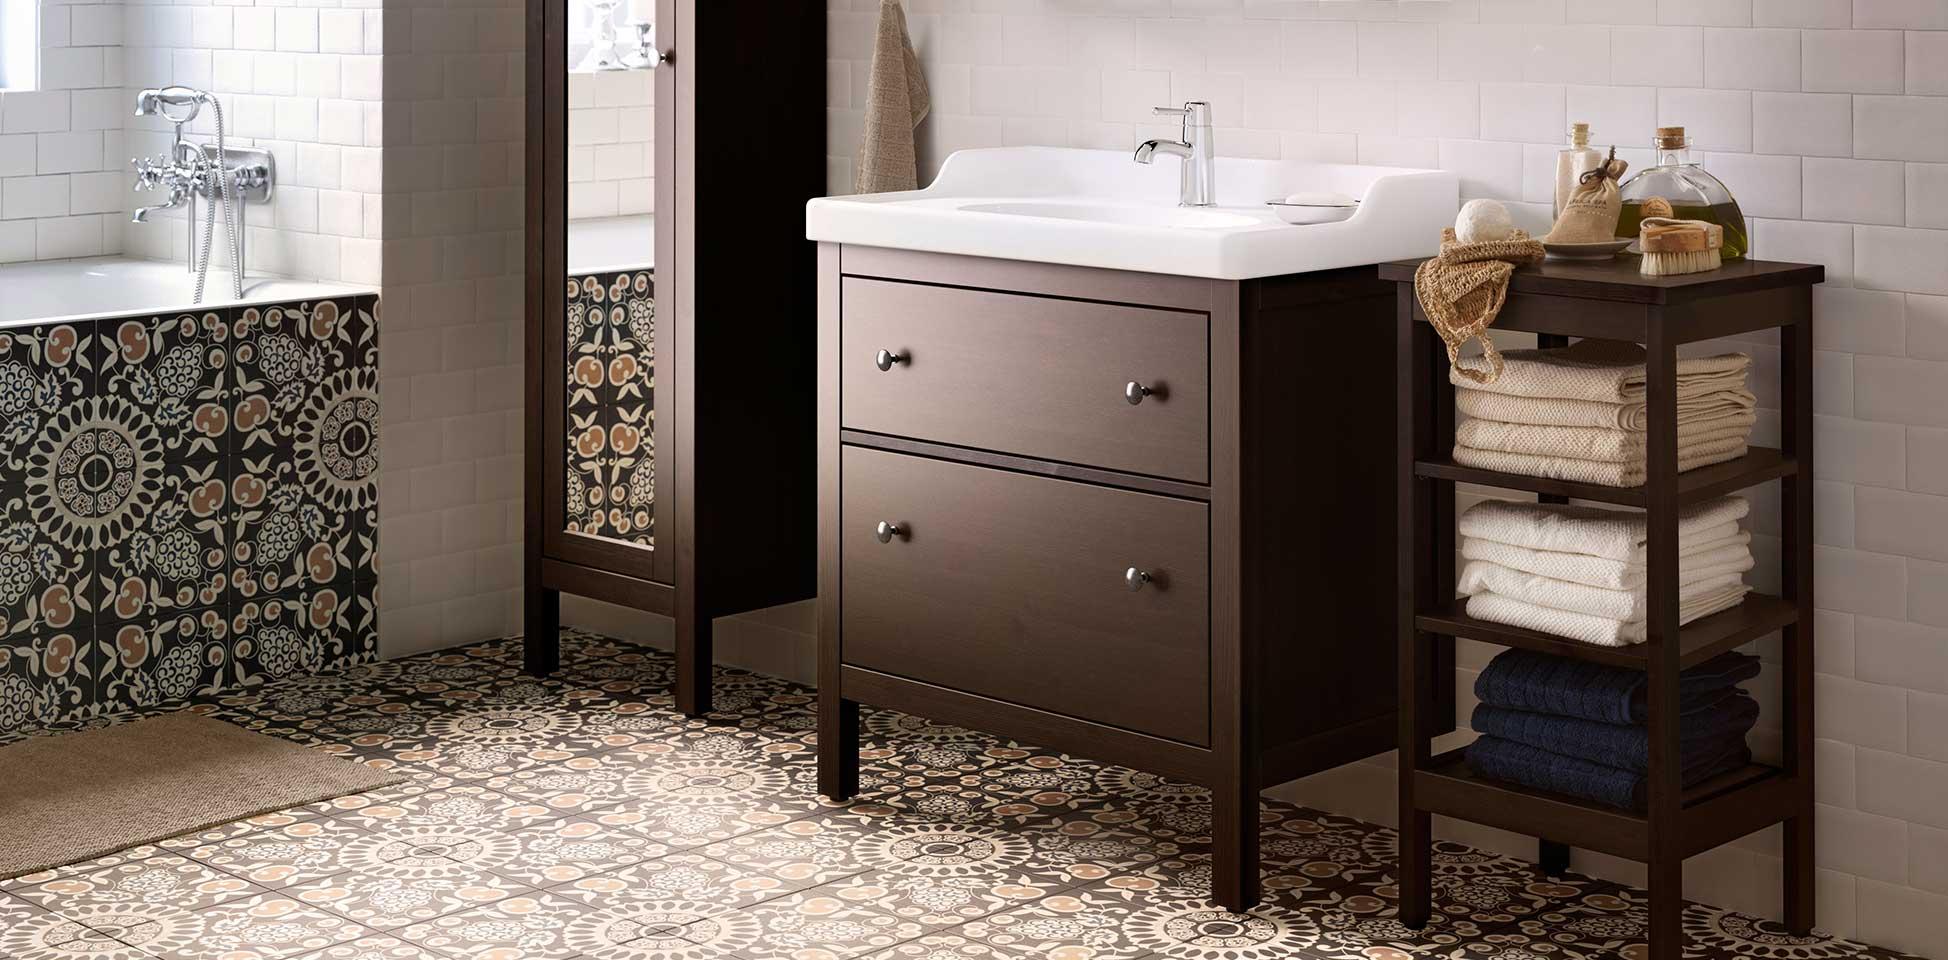 Consejos para la decoración del cuarto de baño